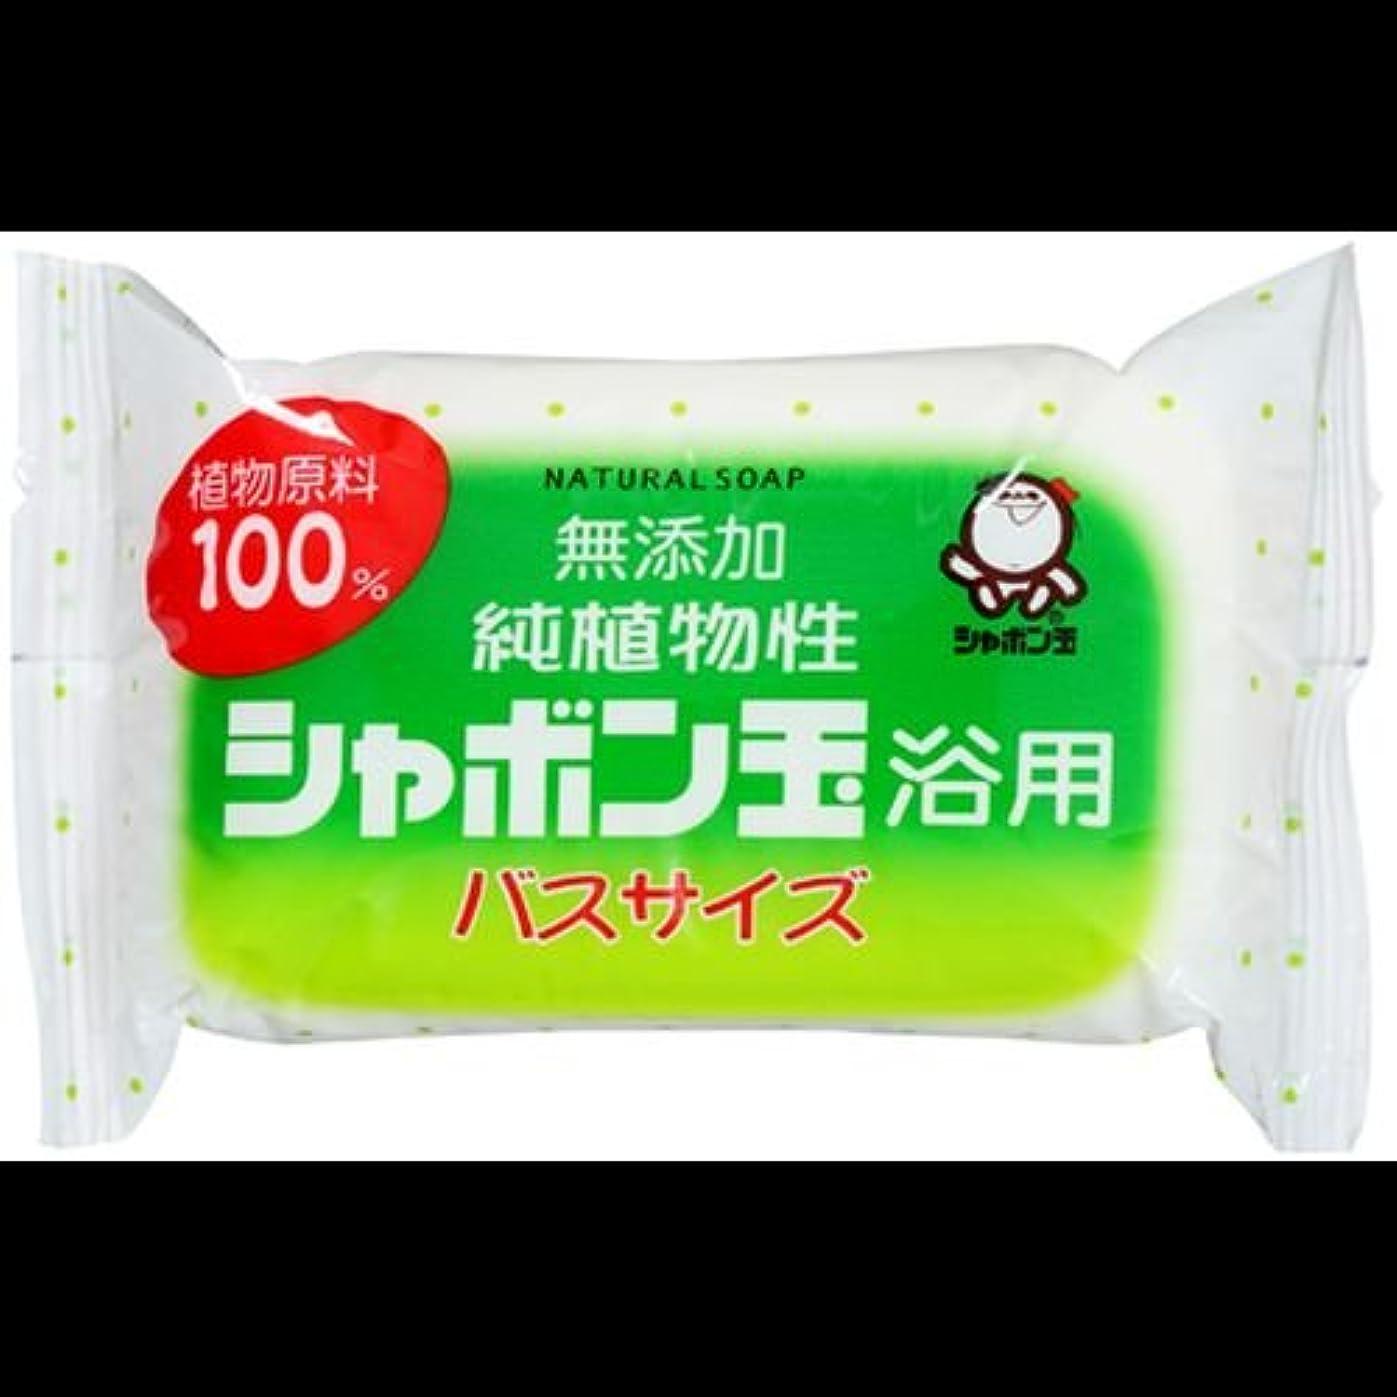 スーパー欺く経験的【まとめ買い】純植物性シャボン玉 浴用 バスサイズ155g ×2セット